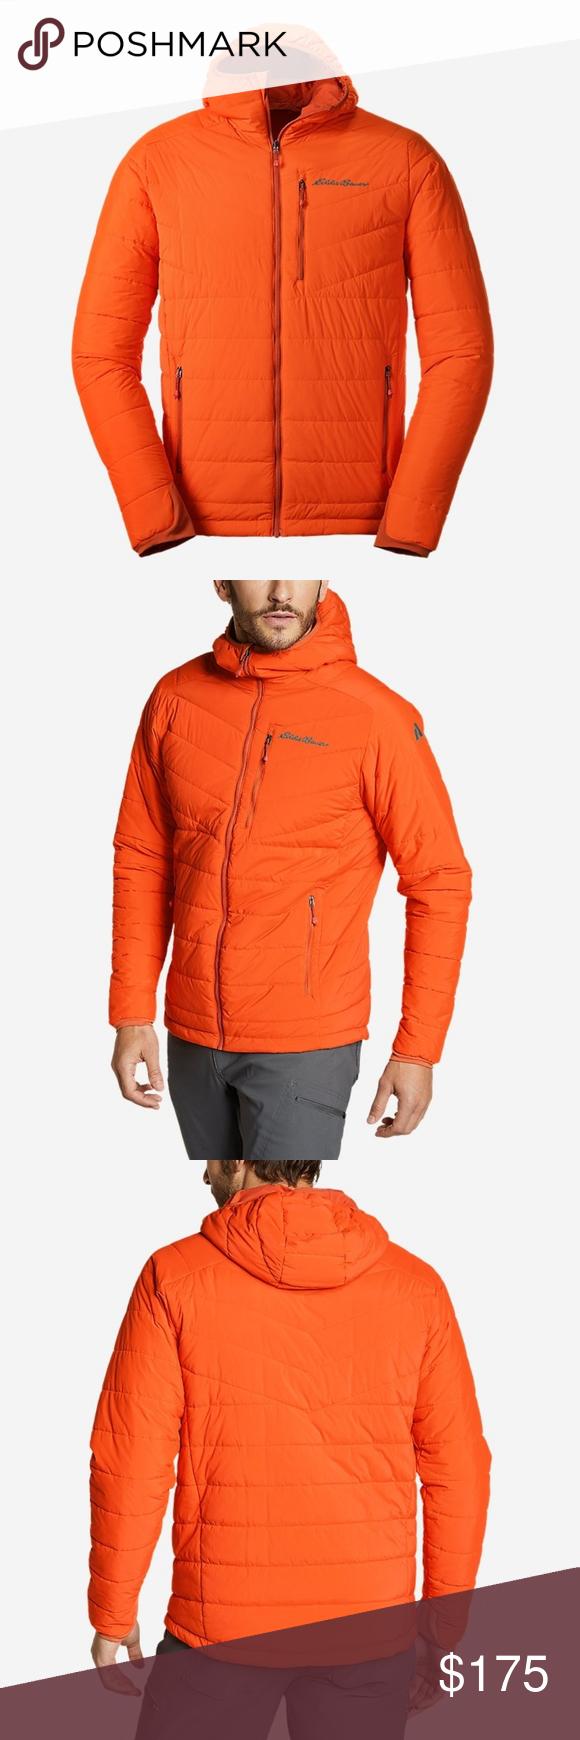 Eddie Bauer Ignitelite Puffer Jacket Orange Medium Eddie Bauer Eddie Bauer Jacket Jackets [ 1740 x 580 Pixel ]